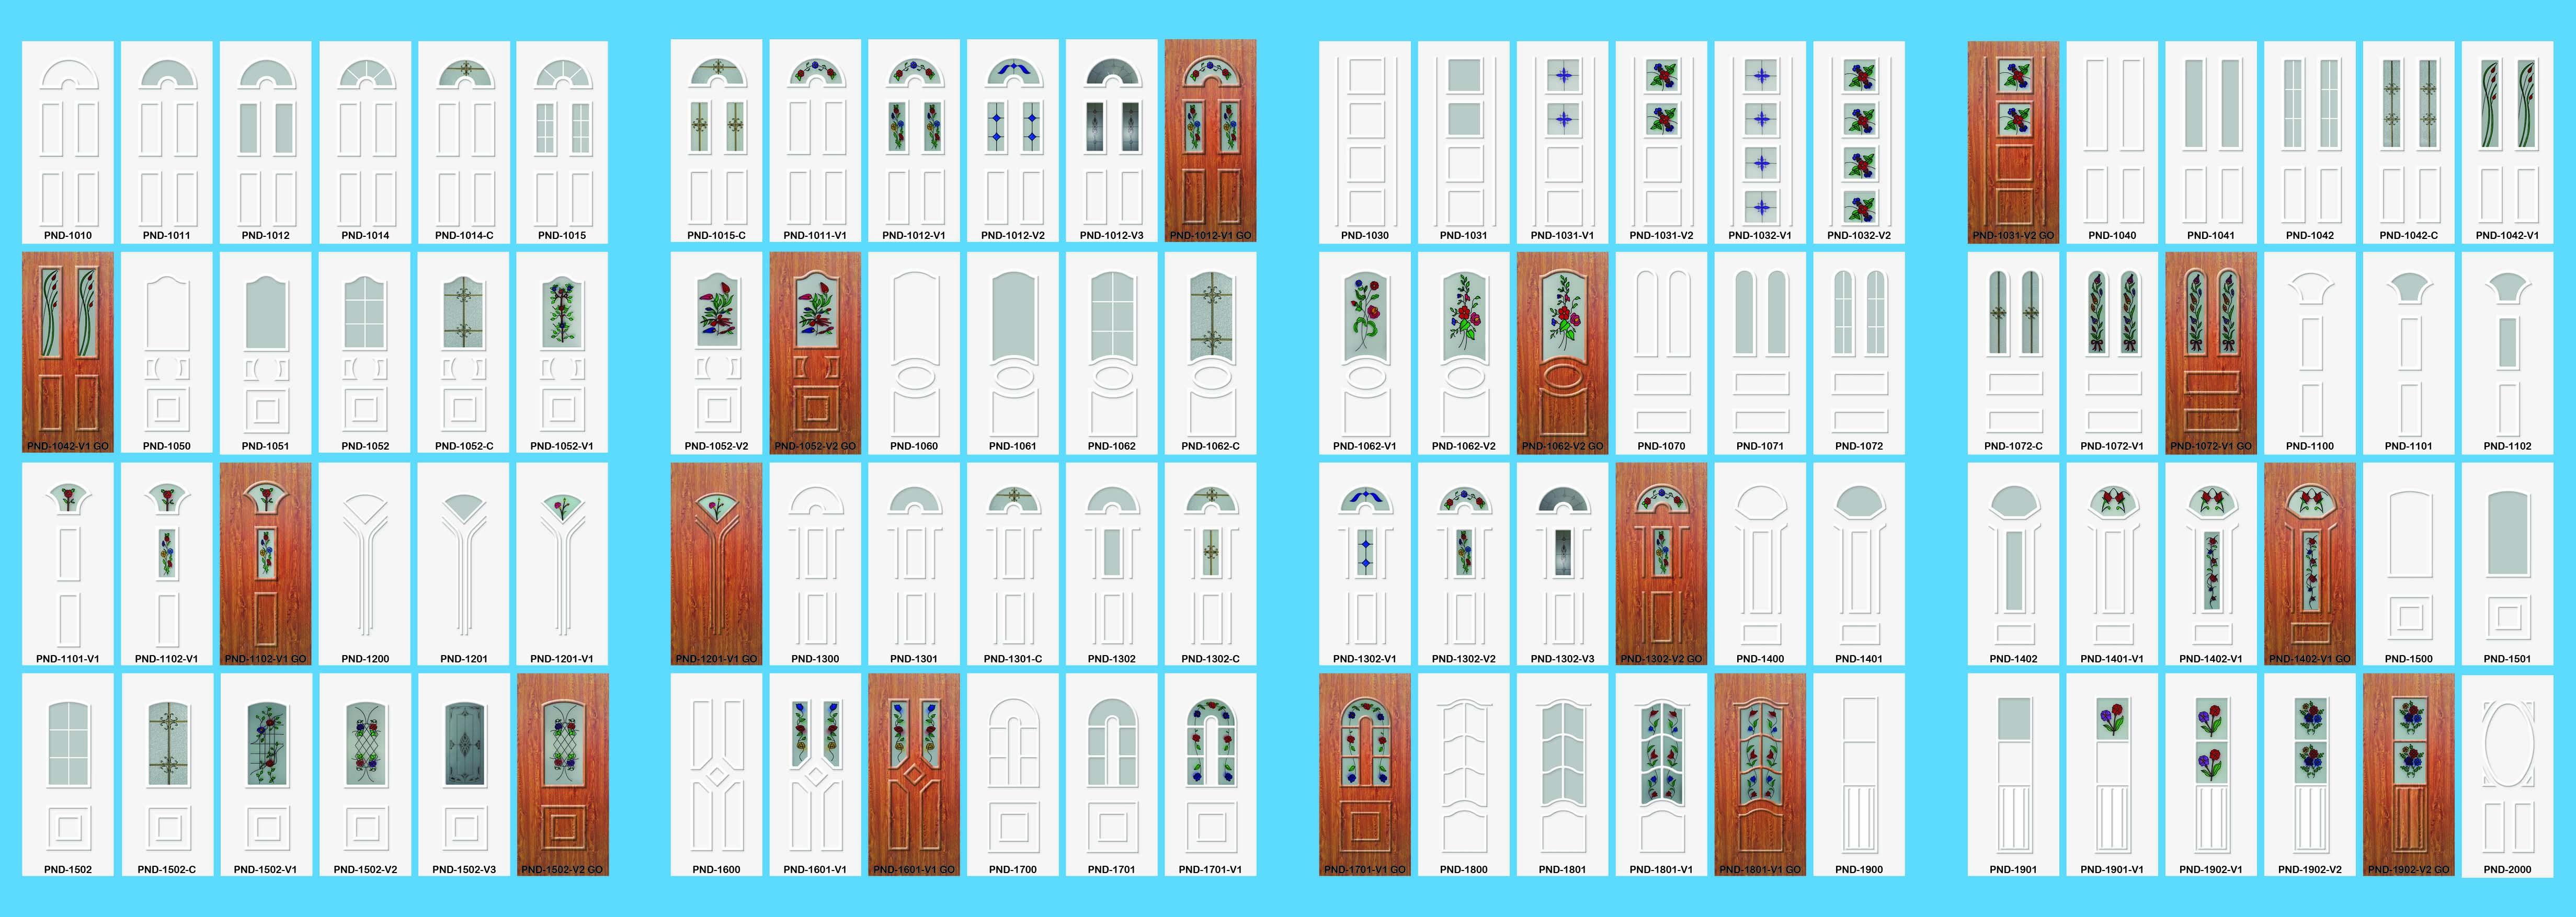 Door catalogue main gate design catalogue entrance iron for Door design catalogue